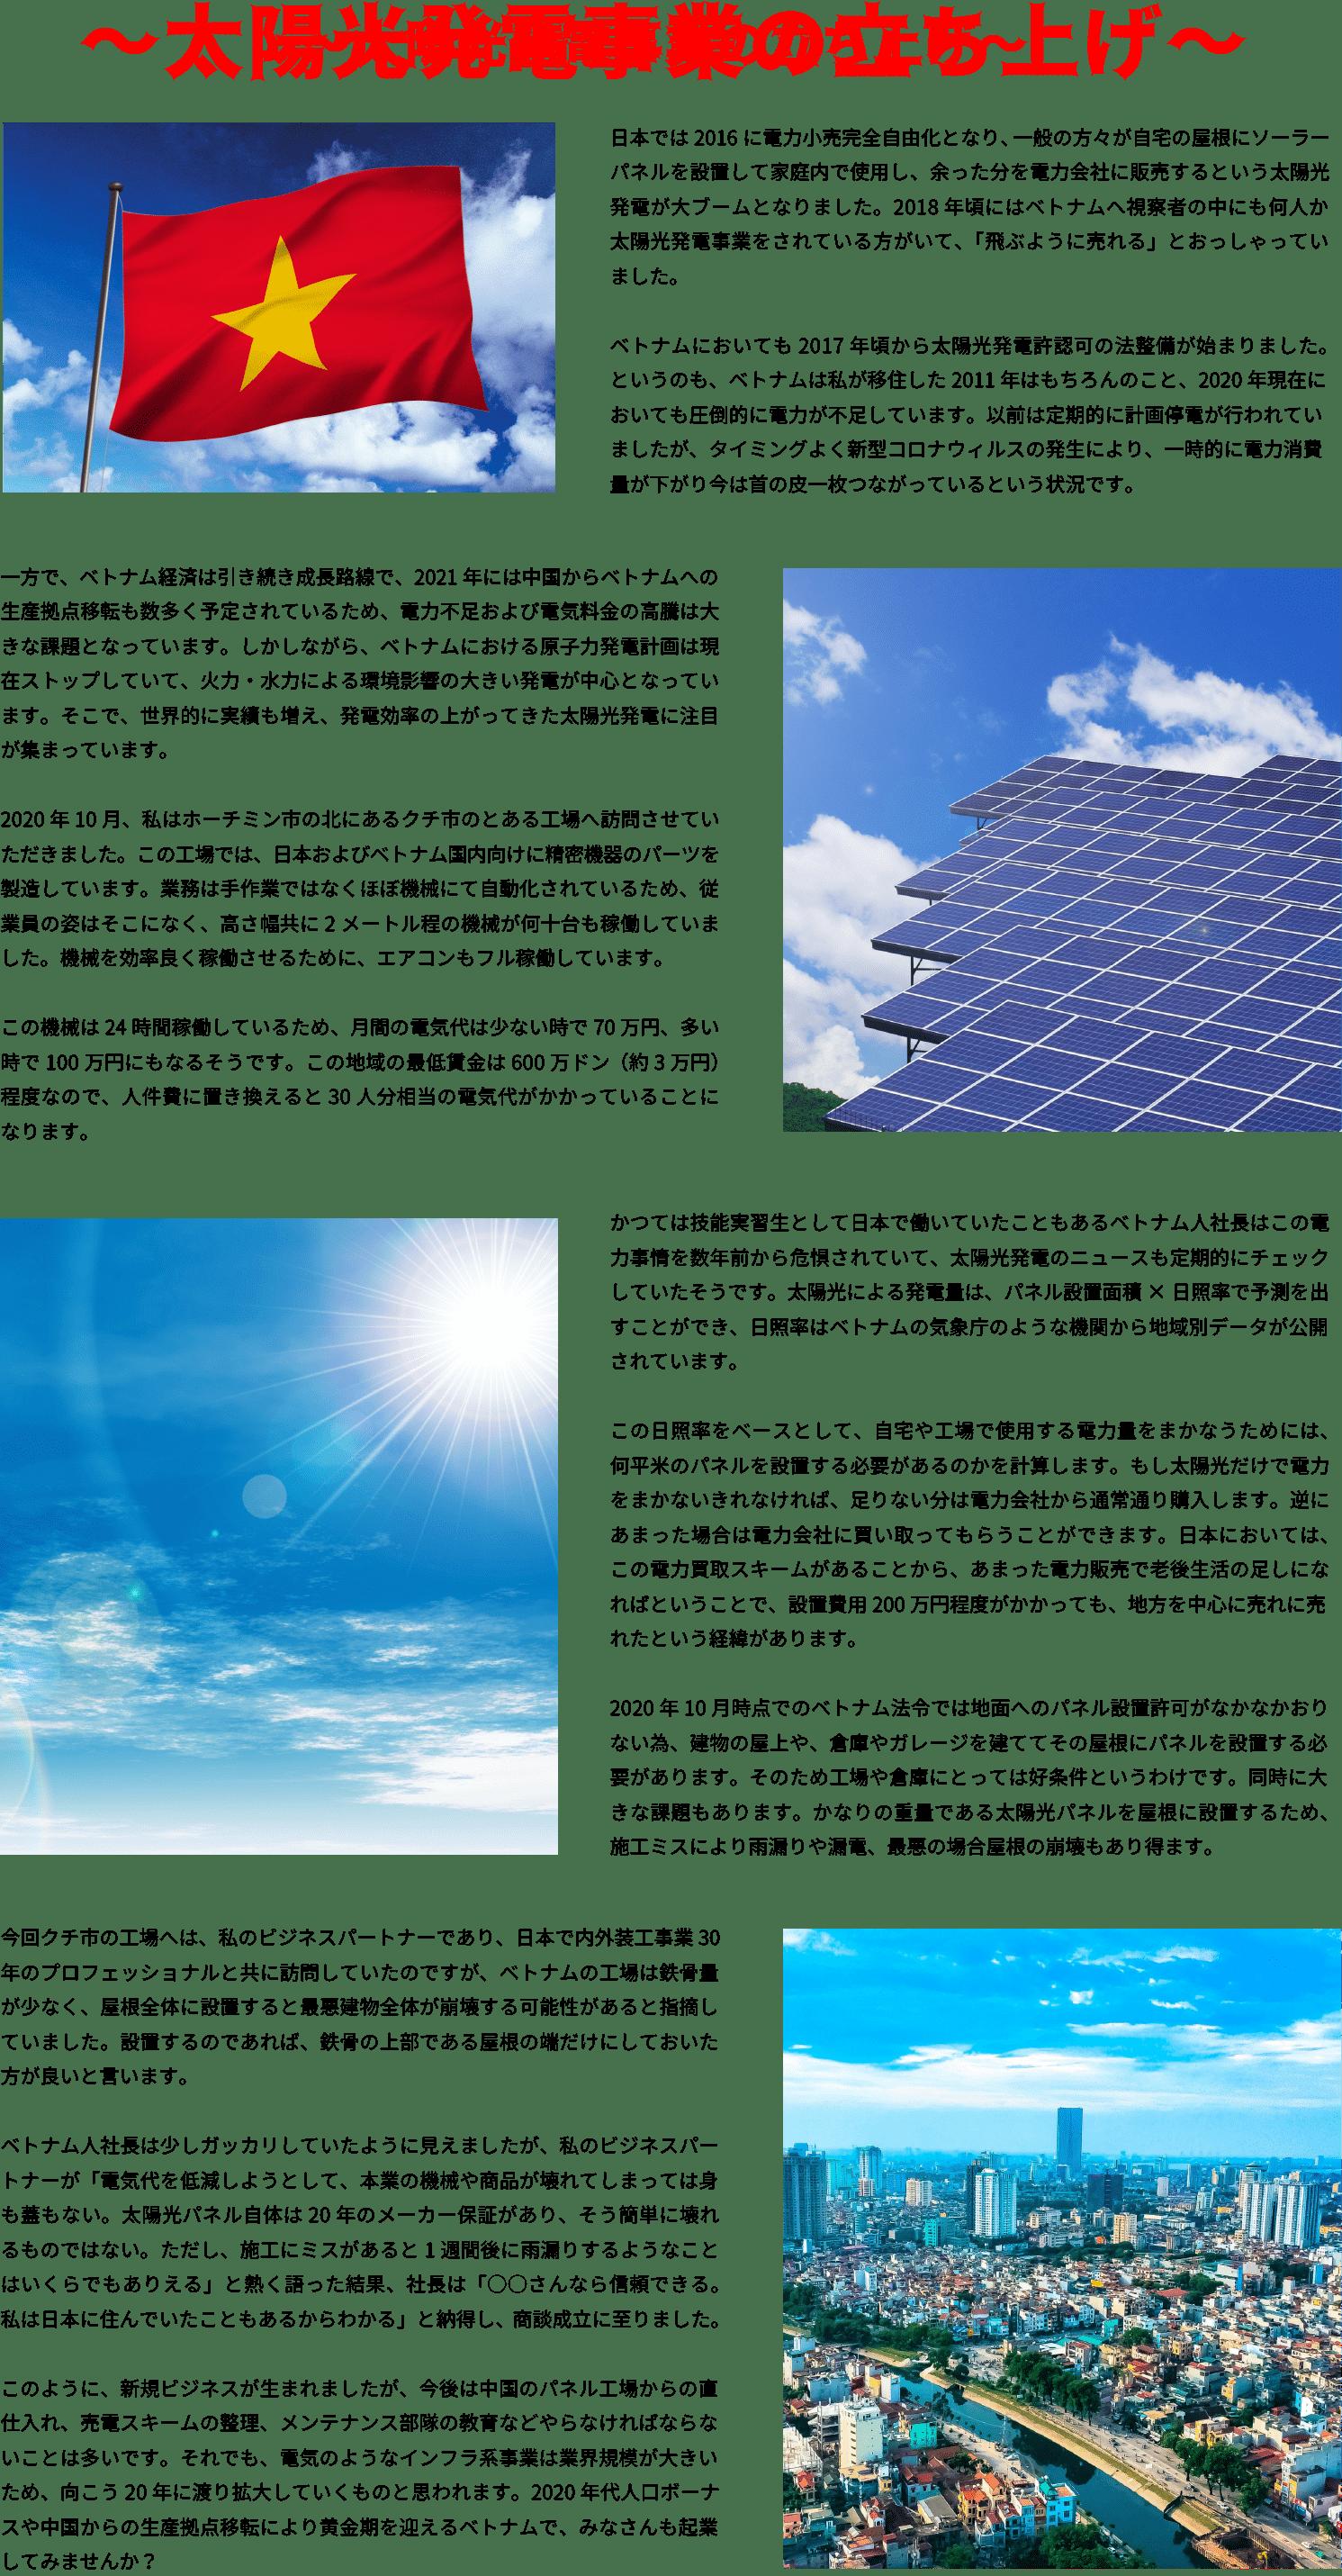 太陽光発電事業の立ち上げ